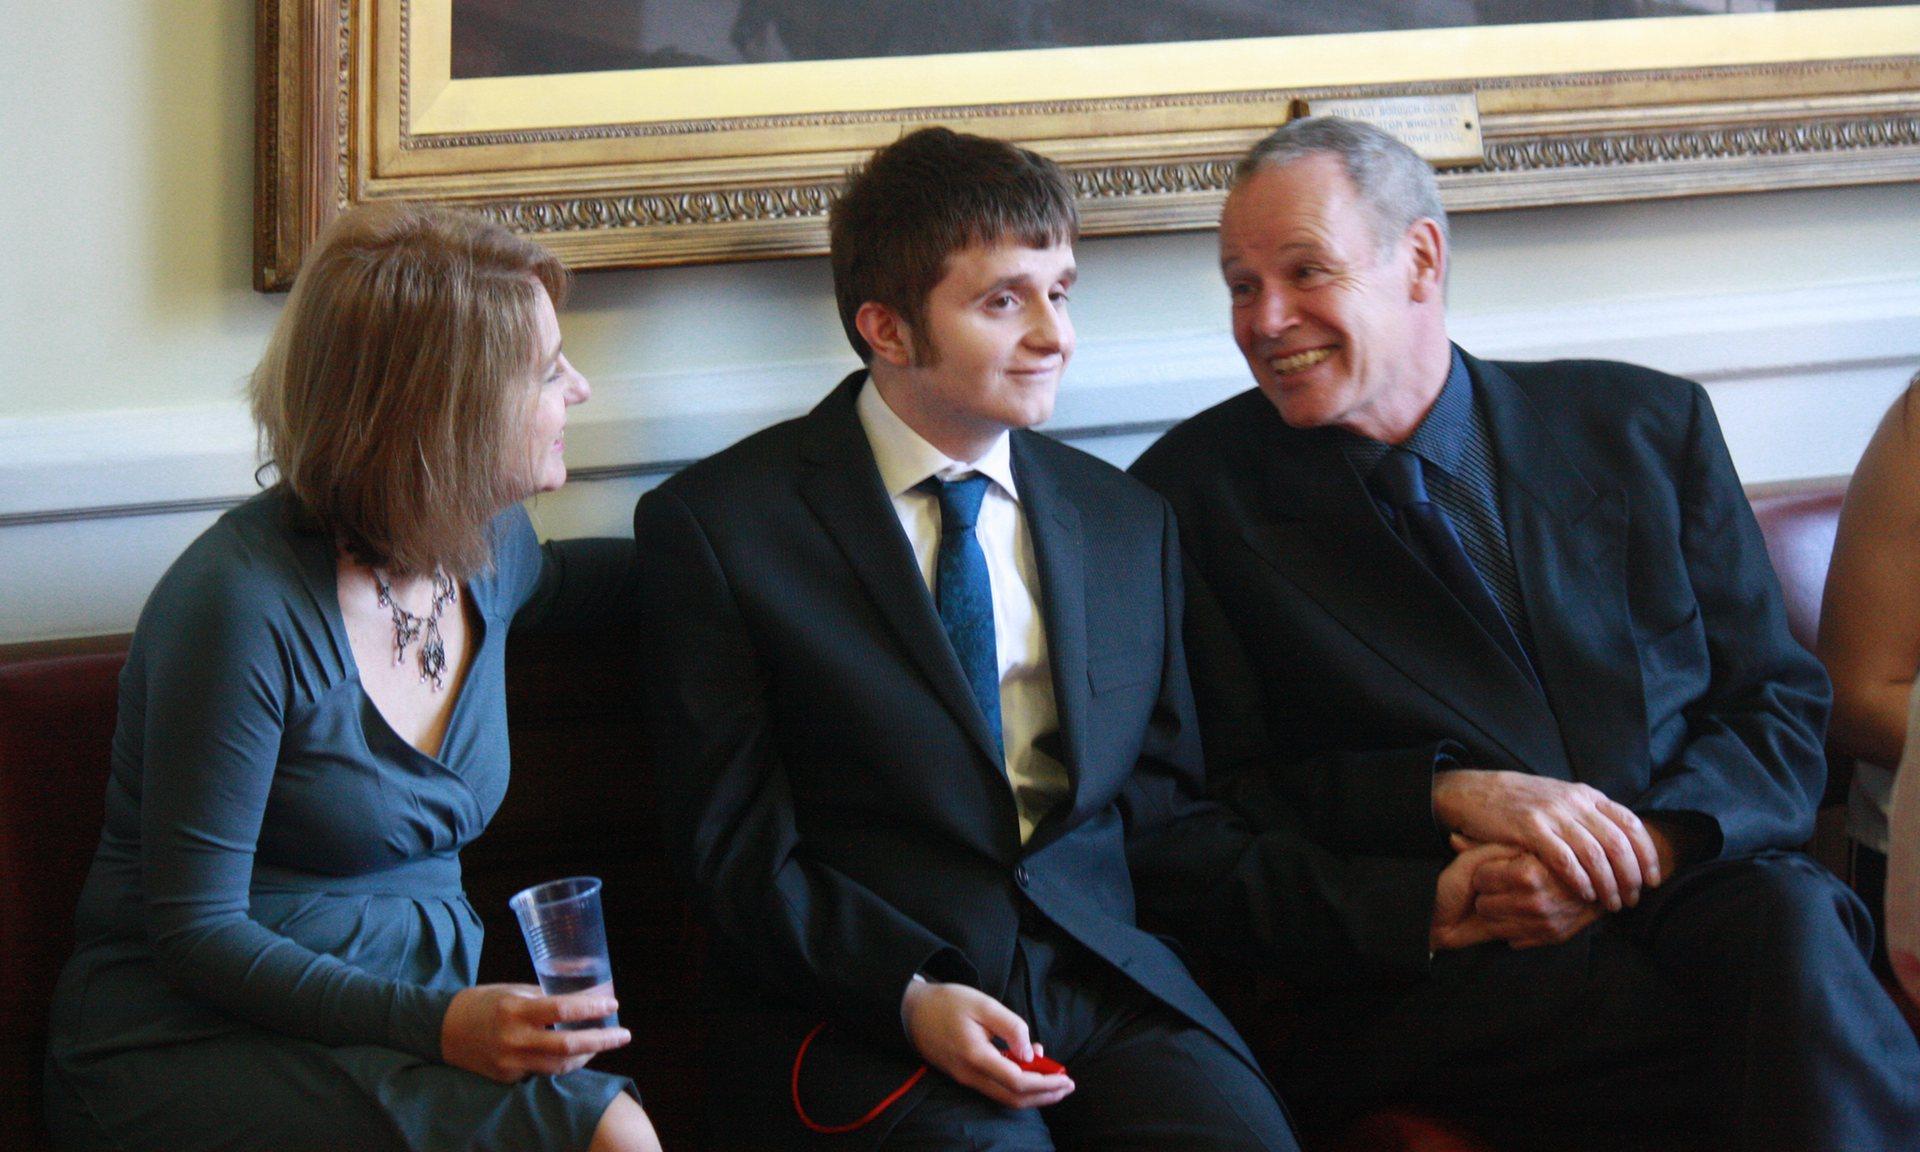 Ar Jungtinė Karalystė išliks draugiška autistams?